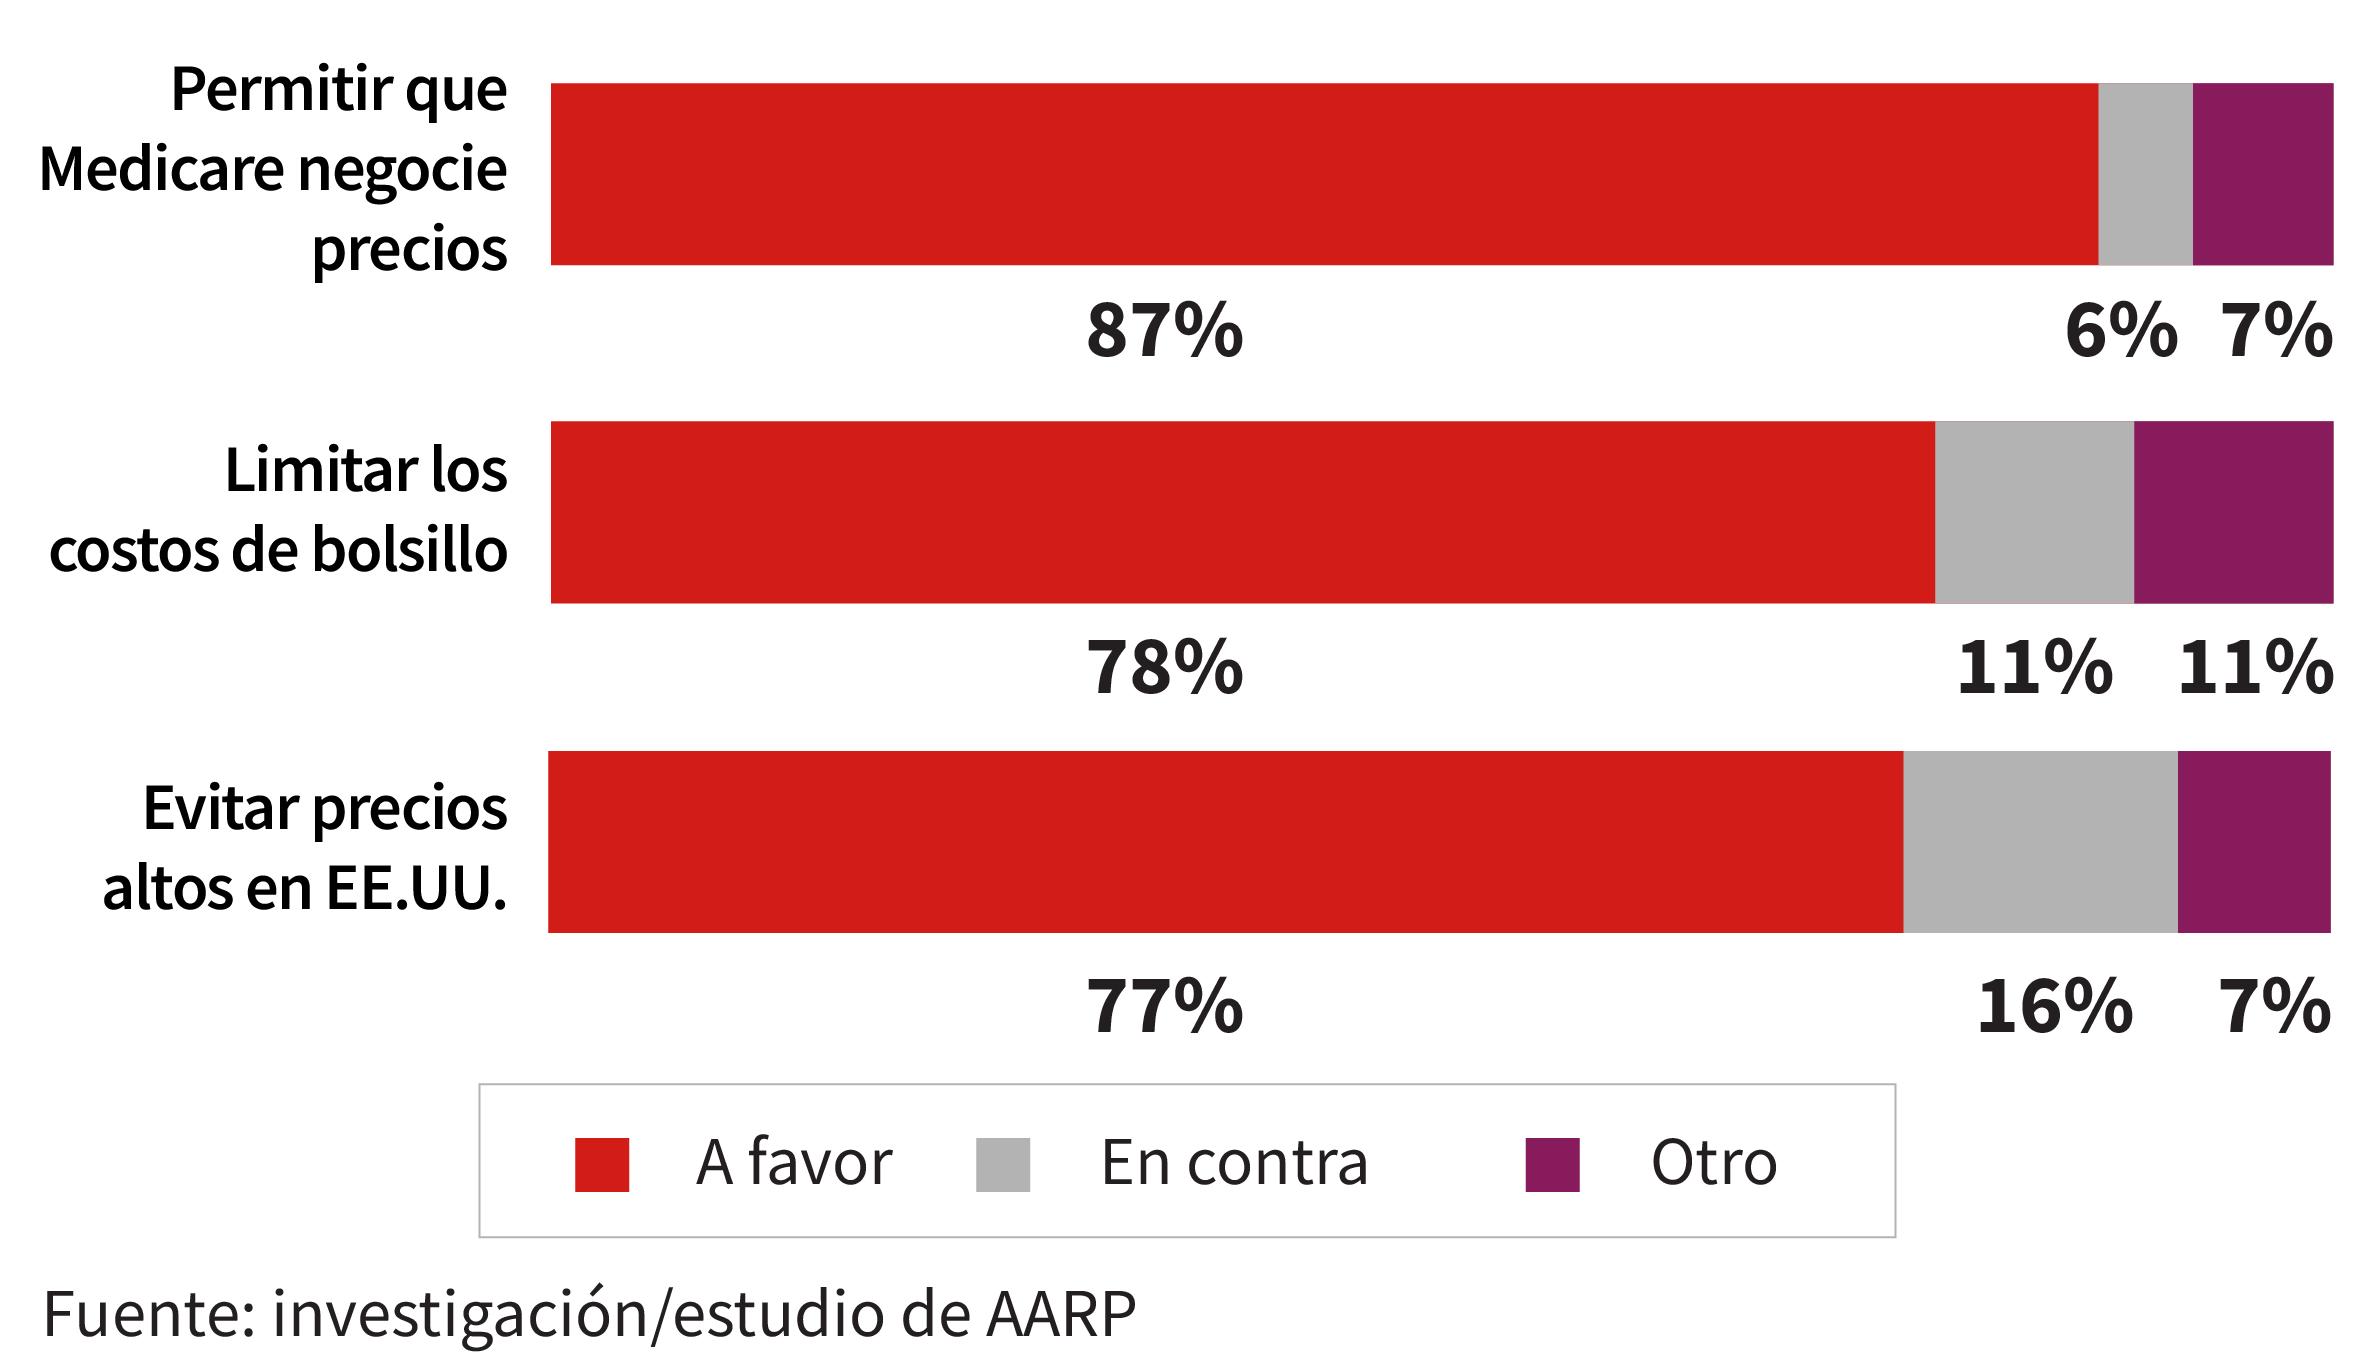 Gráfico muestra los resultados de una encuesta de opinión sobre el precio de los medicamentos